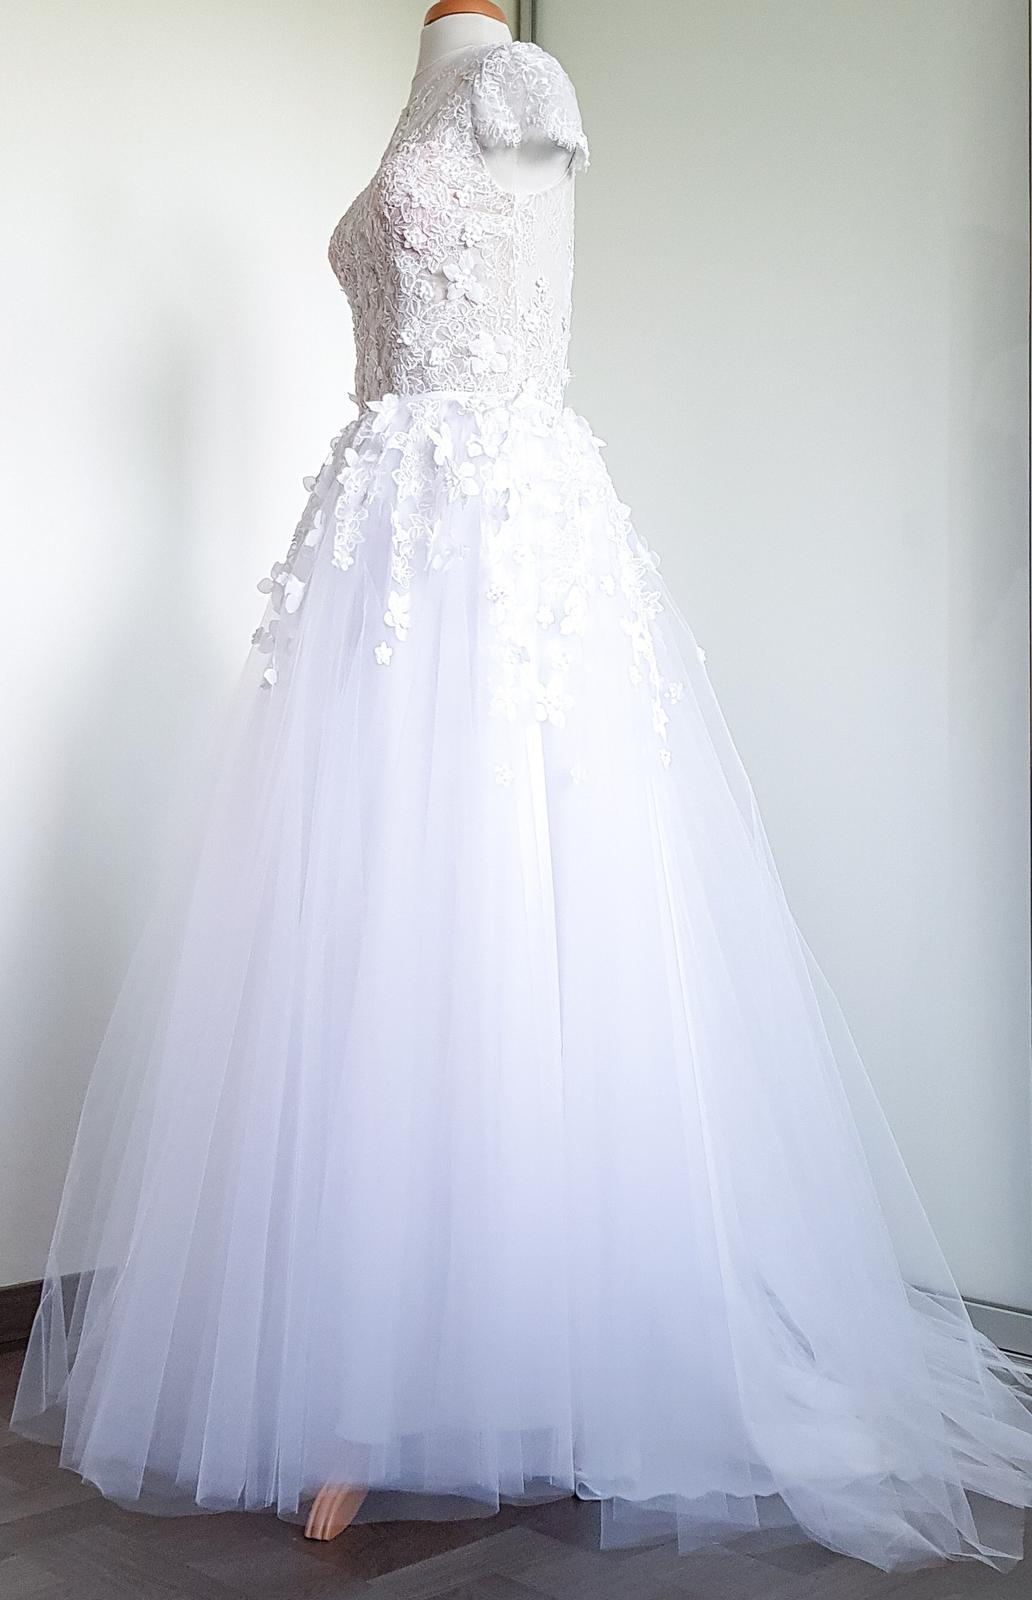 Nenošené svatební body a sukně - Obrázek č. 1